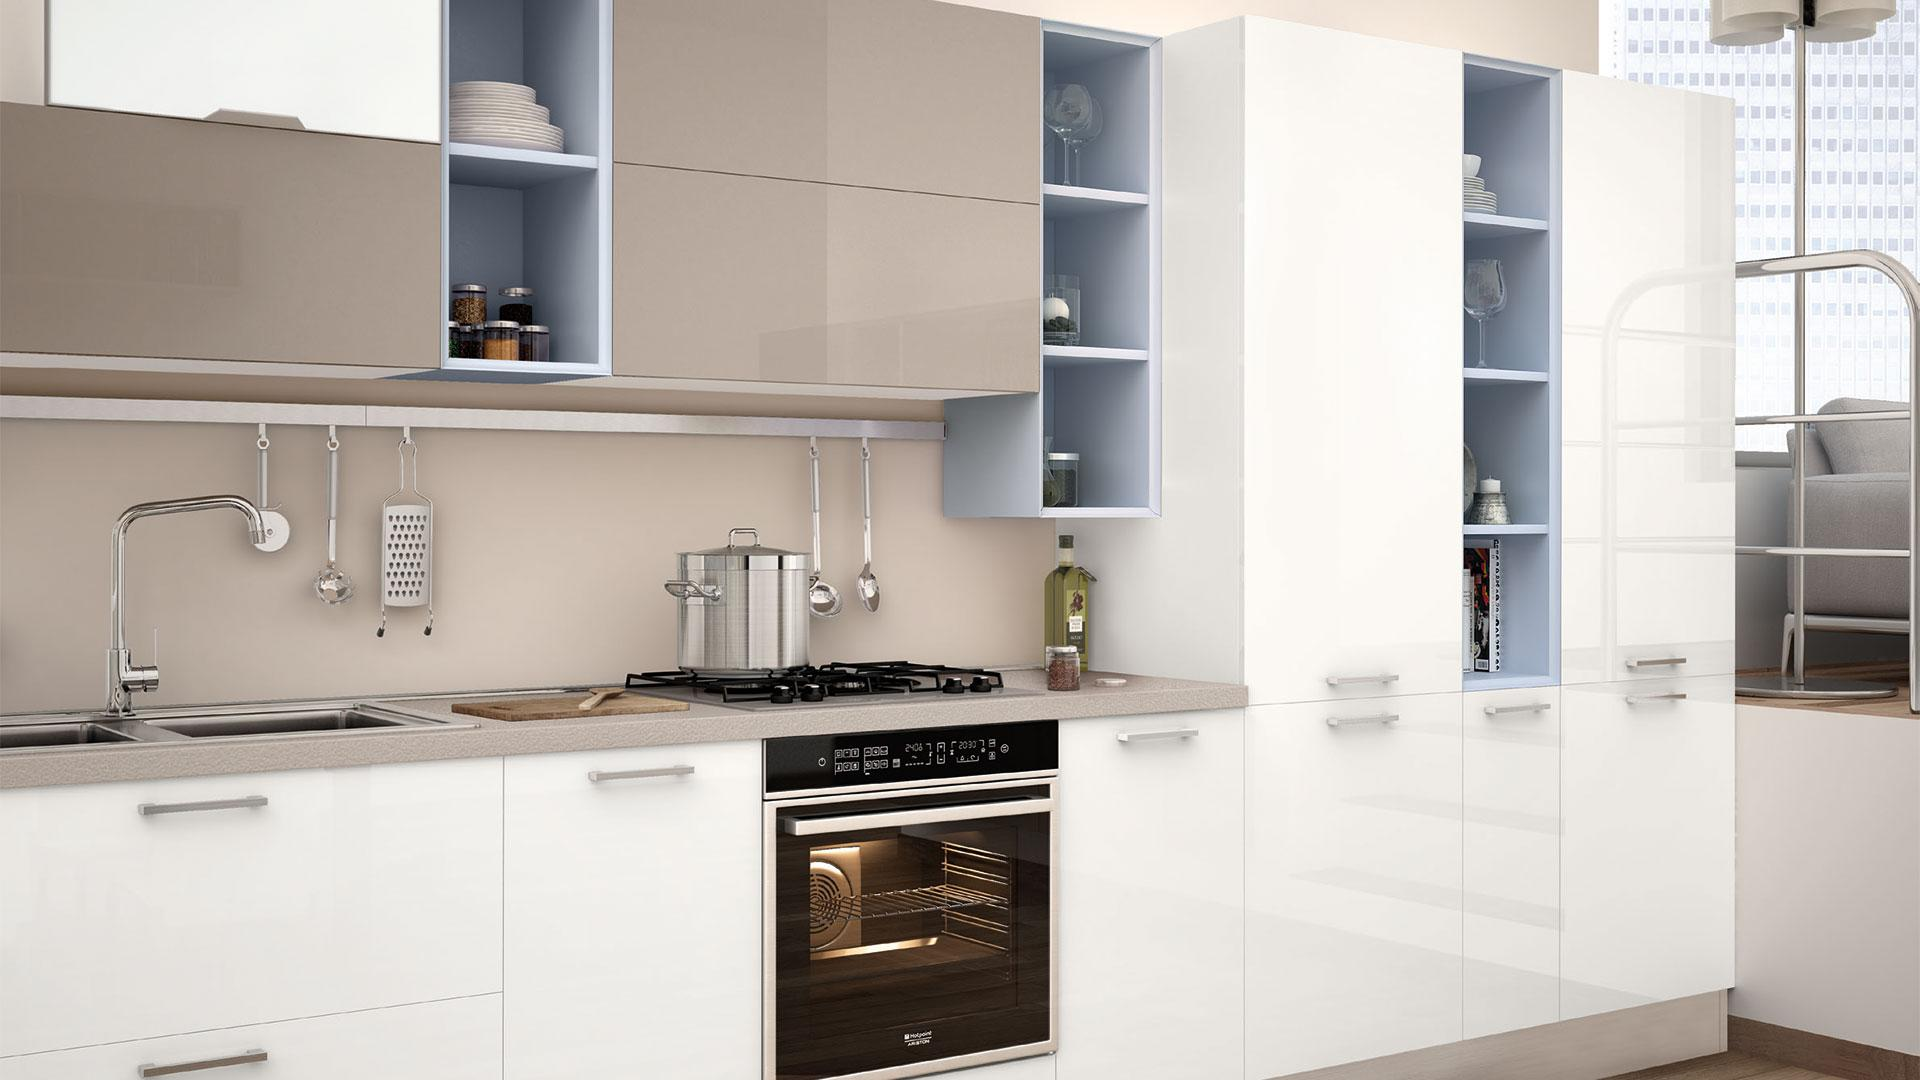 Paraschizzi per la cucina materiale e consigli per la scelta lube store milano le cucine - Paraschizzi cucina ...